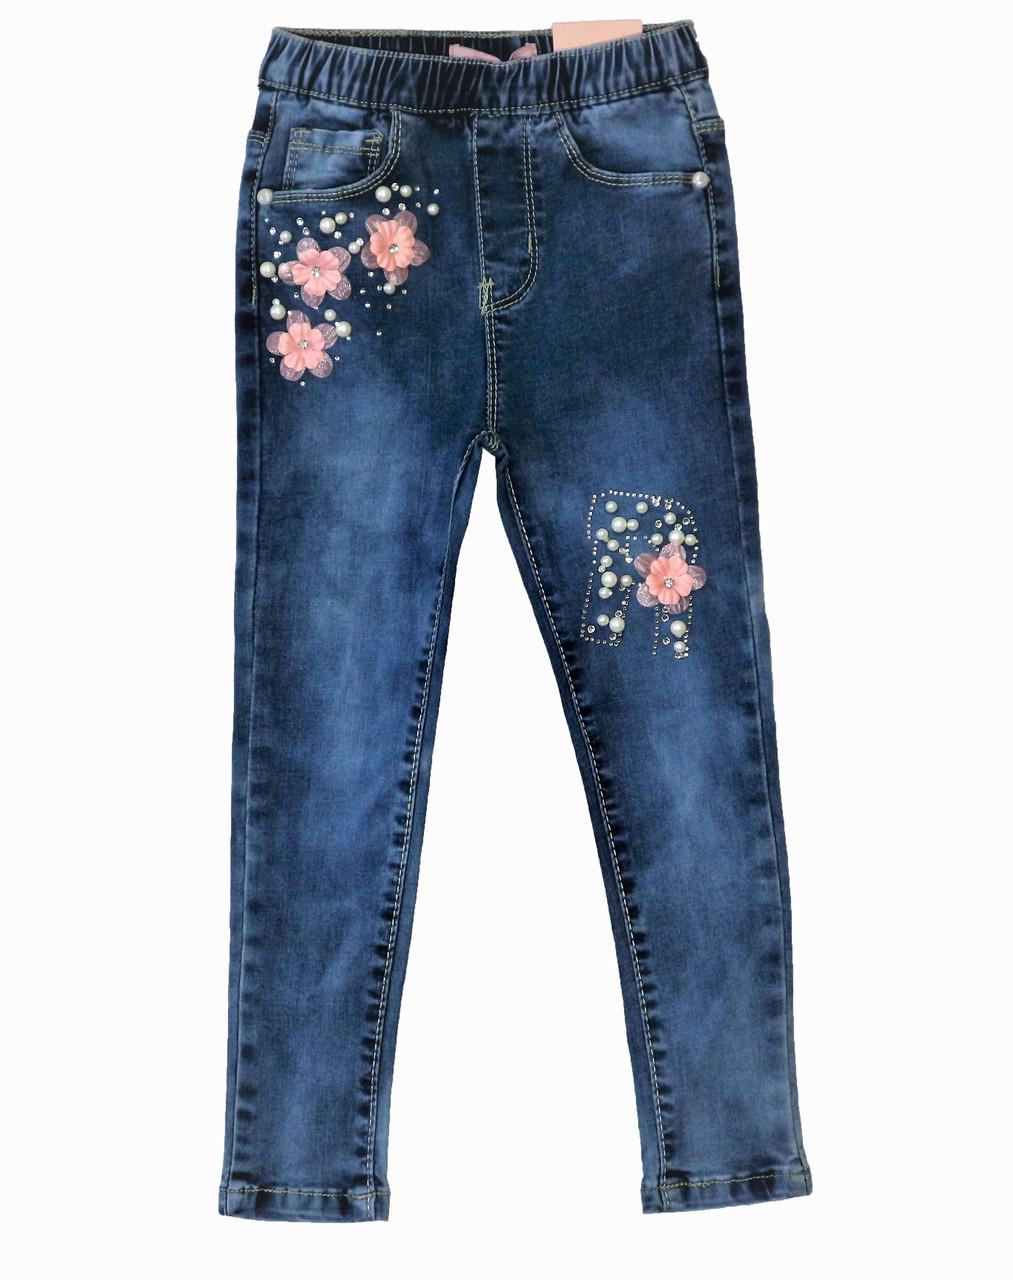 a67f9f3ee Стильные летние джинсы для девочки Seagull Венгрия - Arinka - интернет- магазин качественной детской одежды